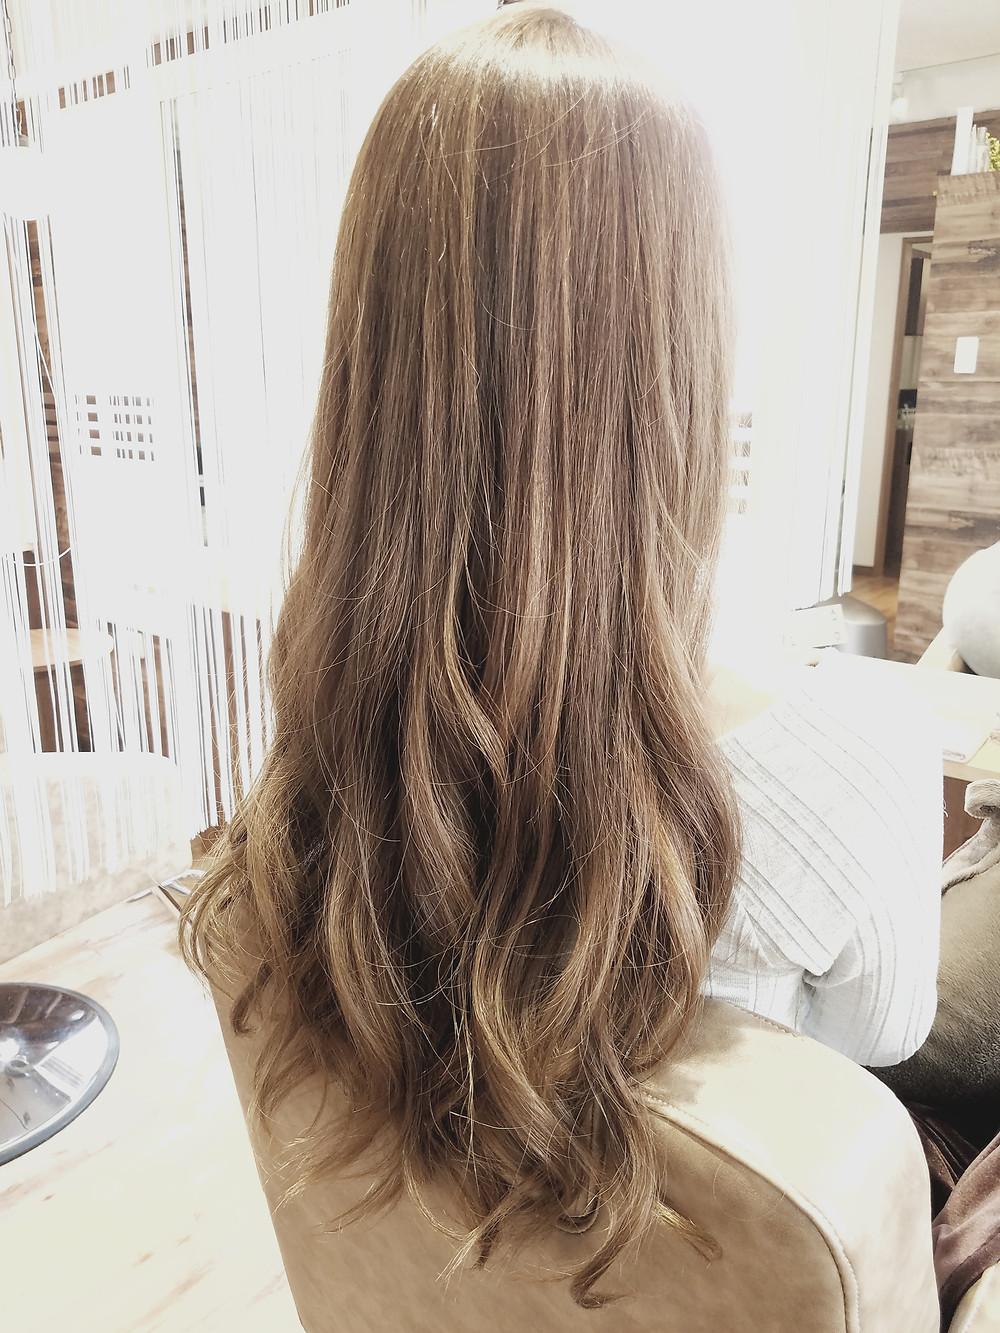 春のグレーアッシュでキレイなツヤ髪に♪平塚一番のオシャレヘアーに☆コハクで綺麗のプロデュース★